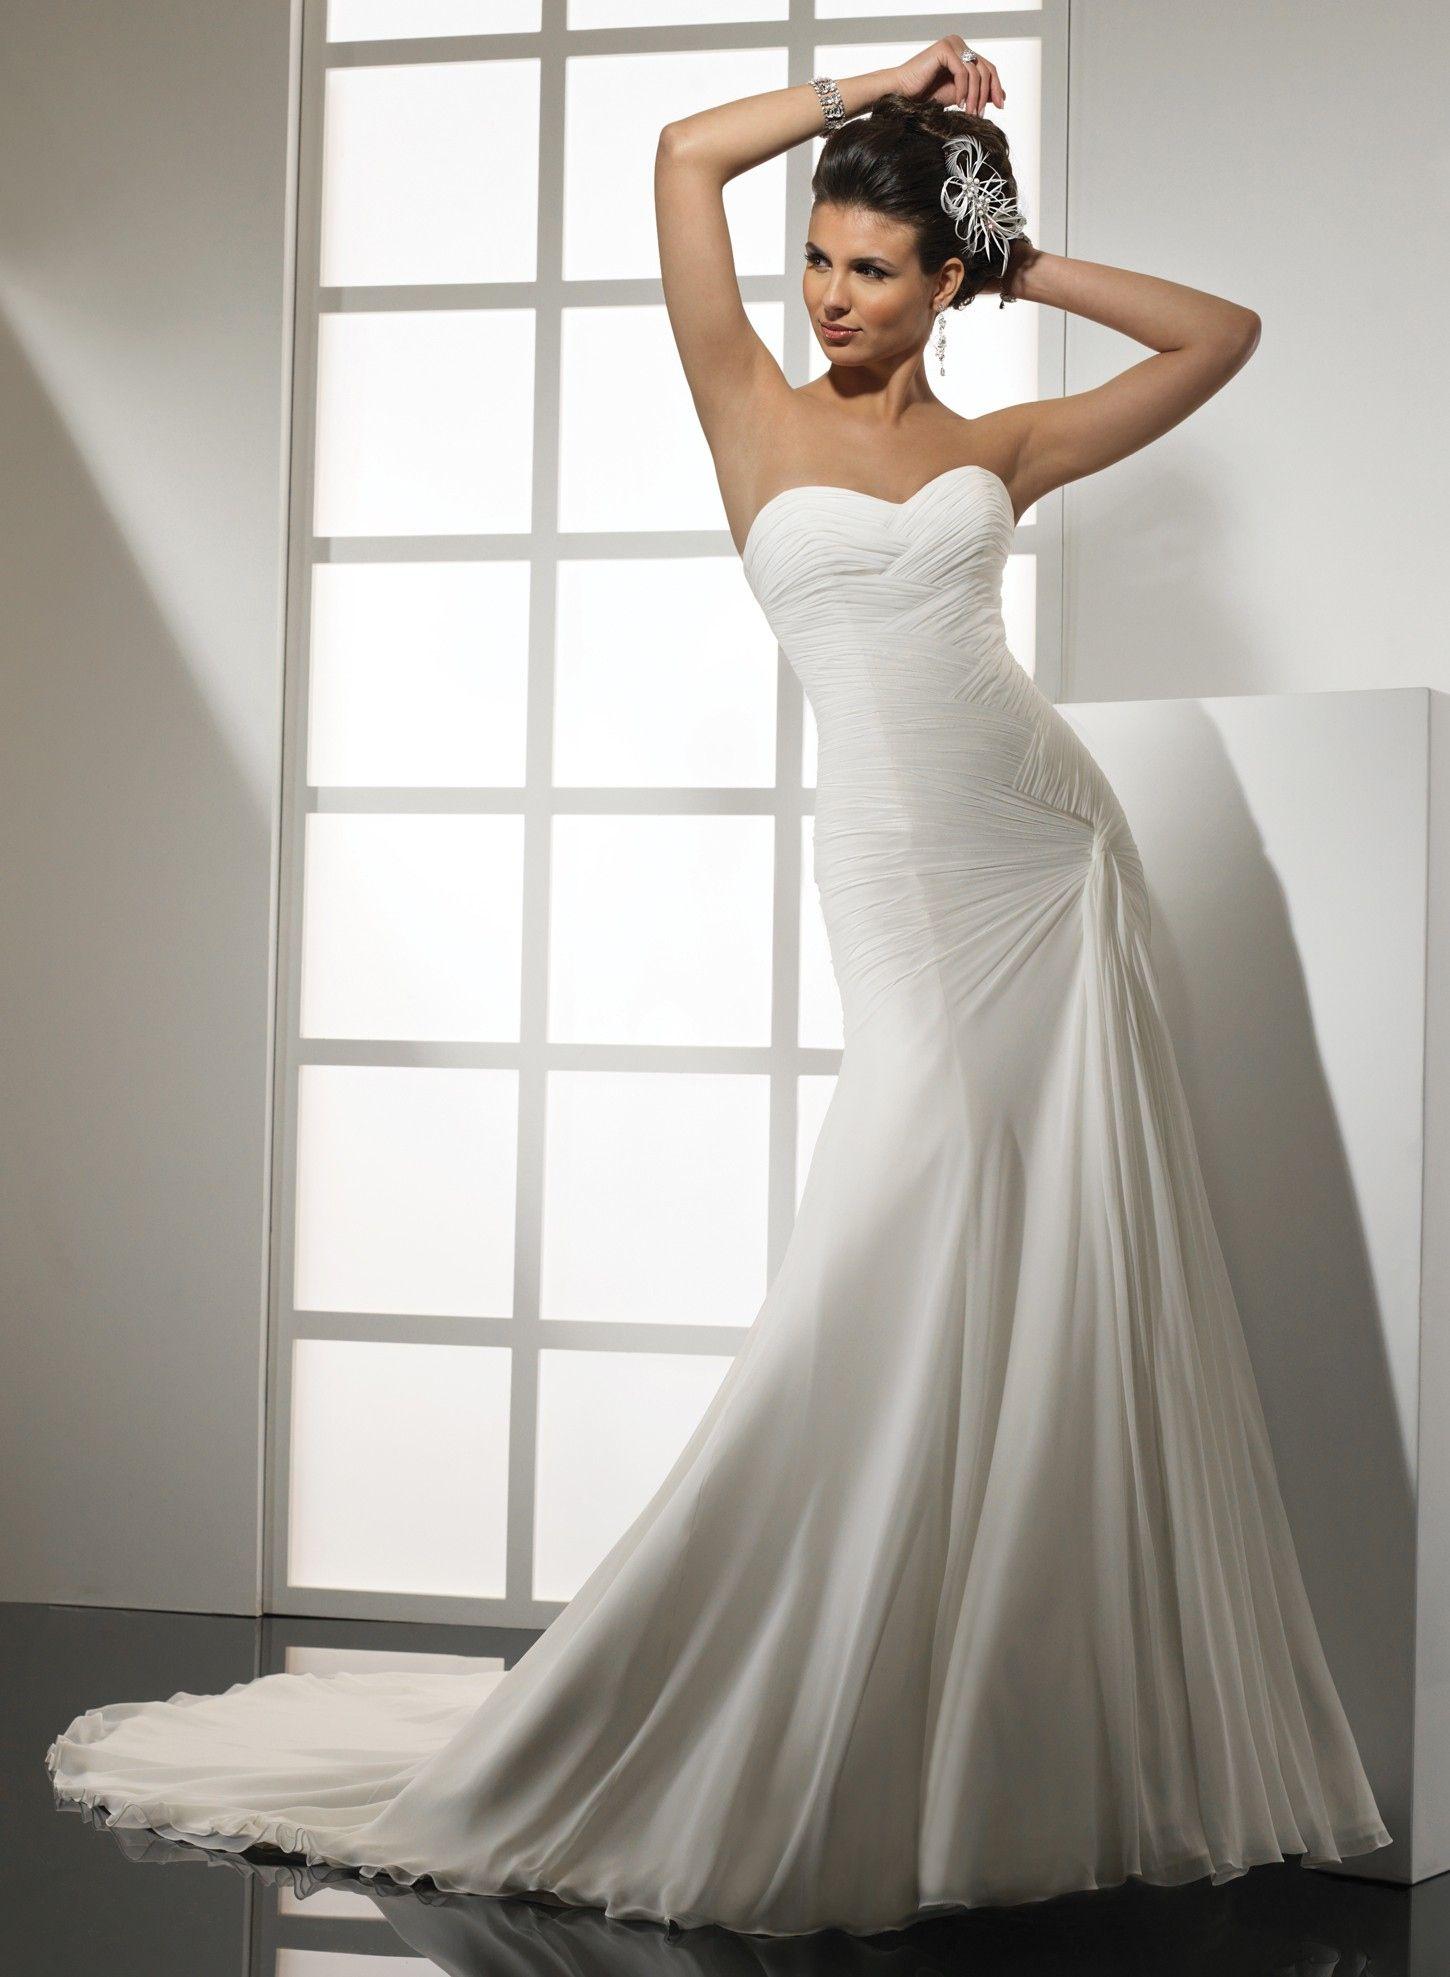 Cheap Wedding Dresses atlanta Ga - Cute Dresses for A Wedding Check ...